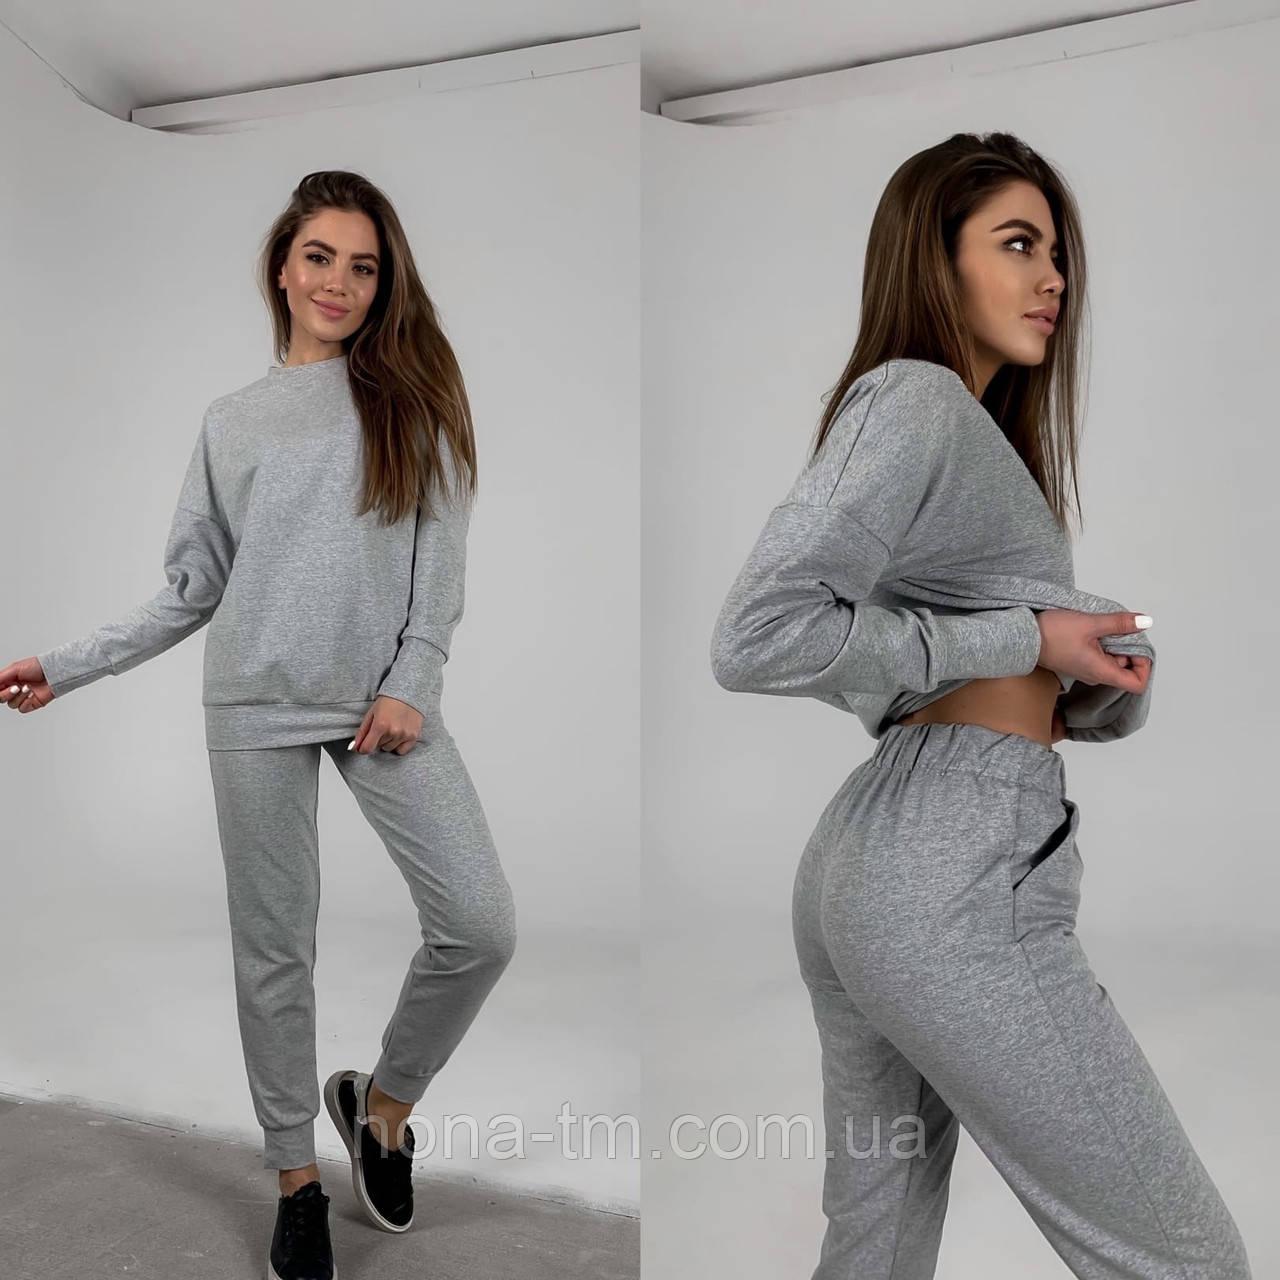 Жіночий спортивний костюм стильний в стилі oversize (Норма)